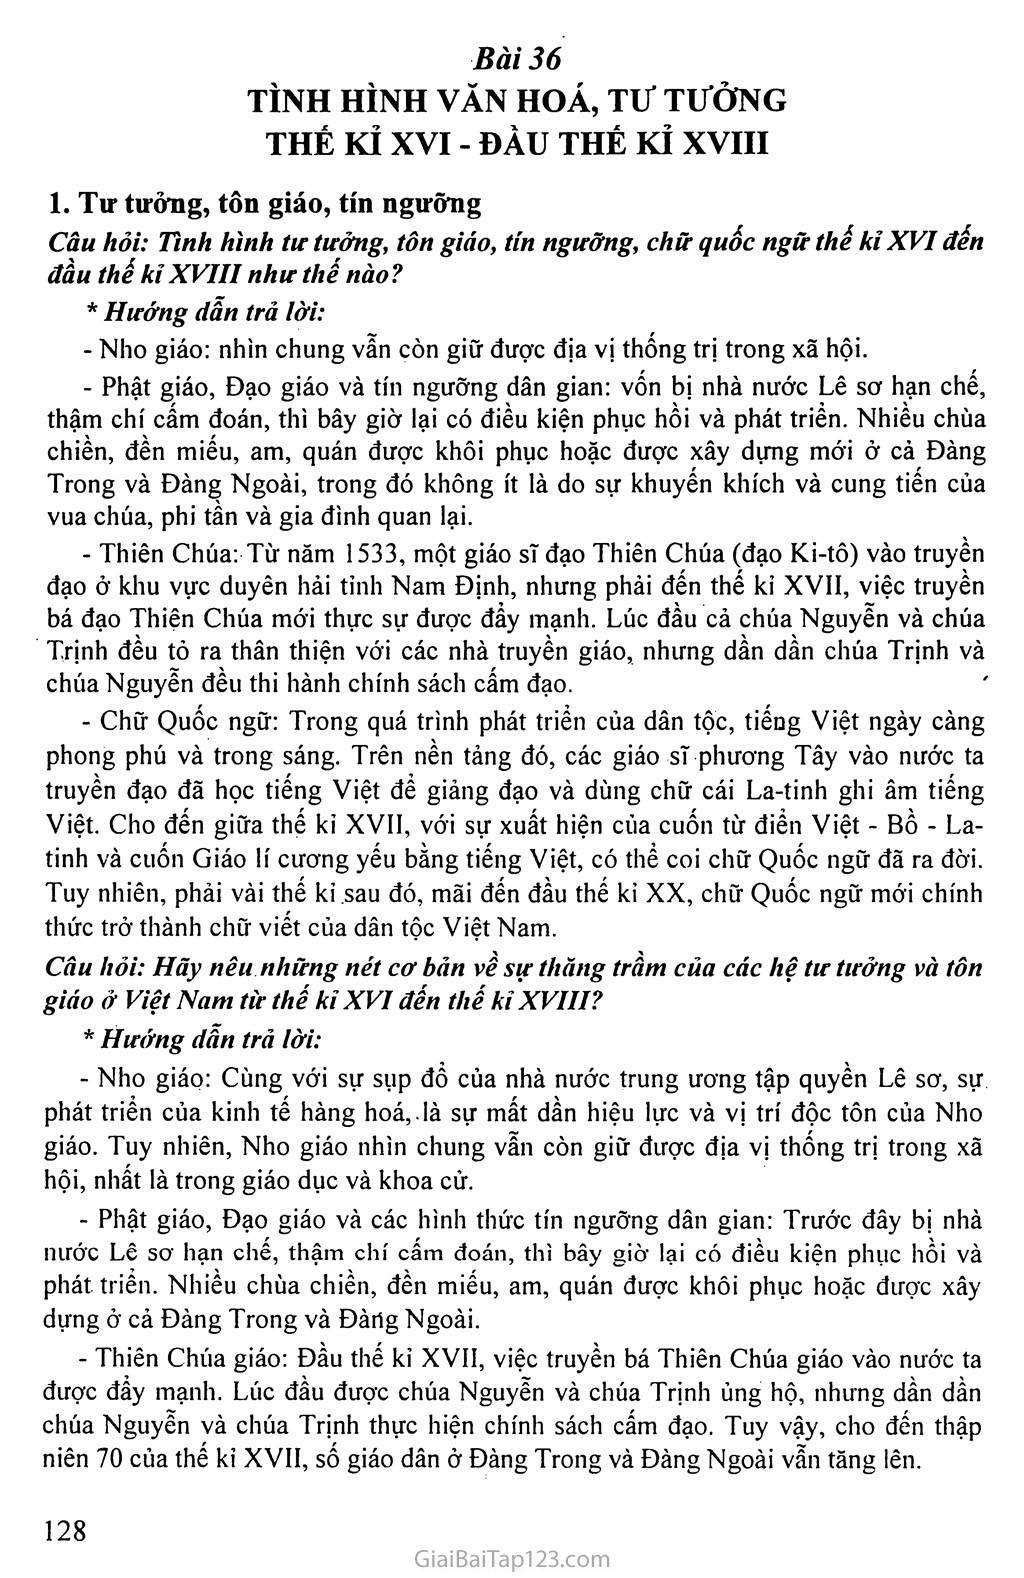 Bài 36: Tình hình văn hóa, tư tưởng thế kỉ XVI - đầu thế kỉ XVIII trang 1